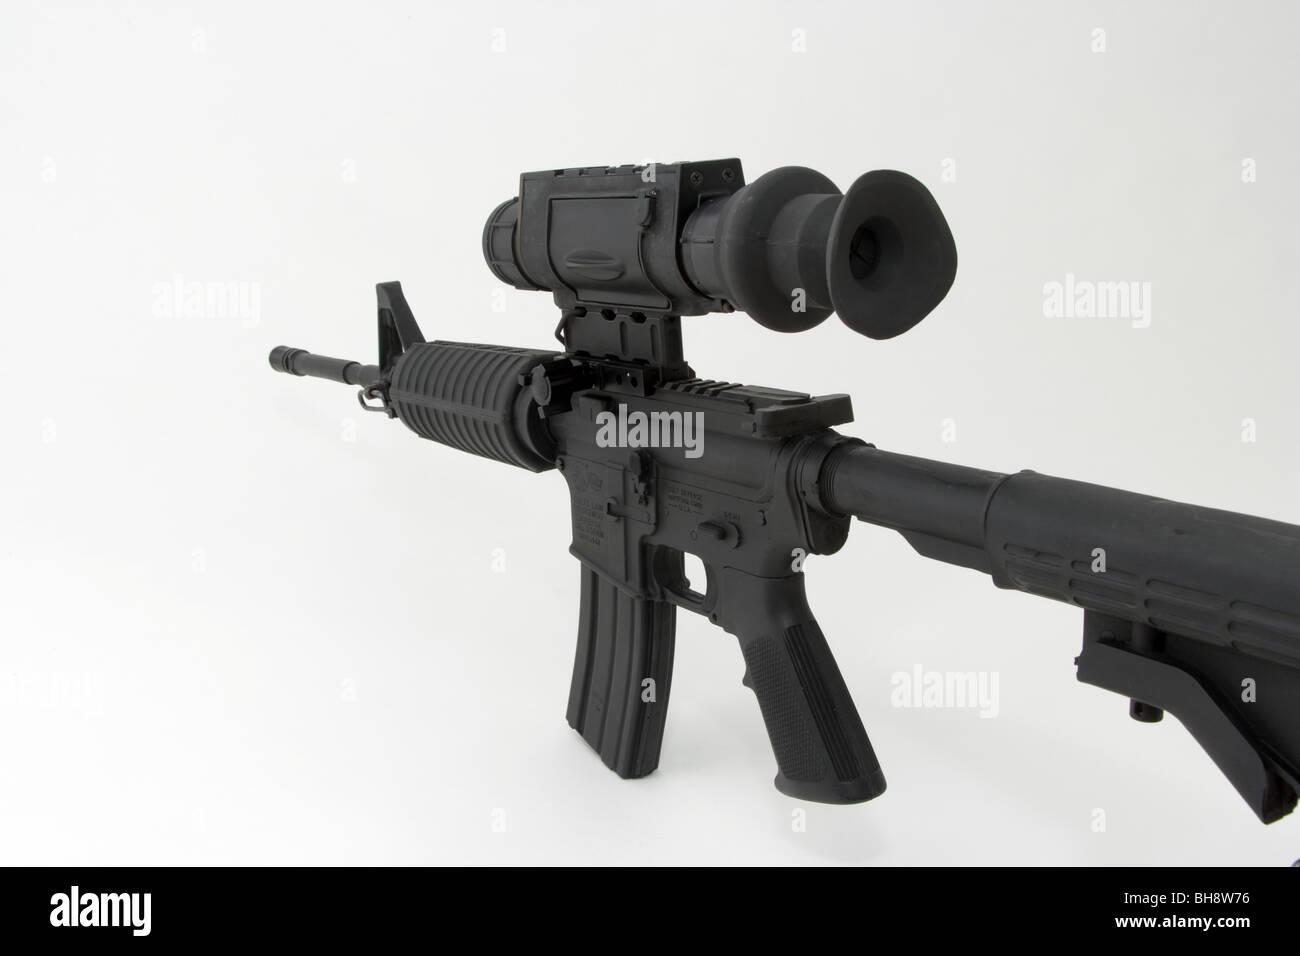 Militärische ausrüstung gewehre gun sehenswürdigkeiten